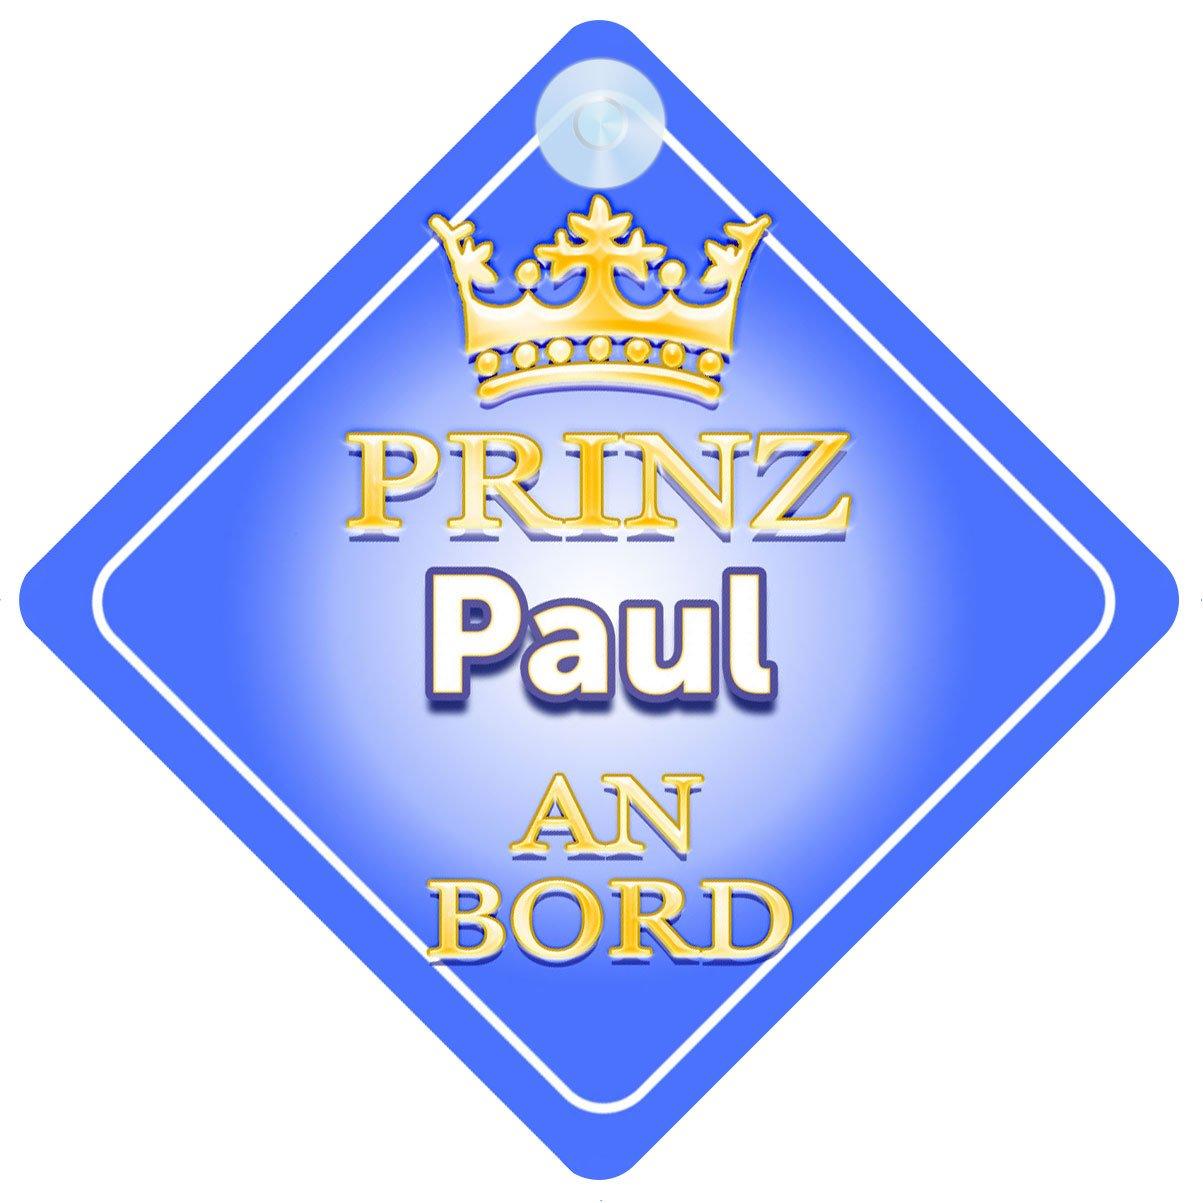 Prinz Paul An Bord mit Krone Personalisierte Autokennzeichen Neues Baby Junge / Kind Geschenk / Präsentieren / Baby on Board / Autoschild … Quality Goods Ltd